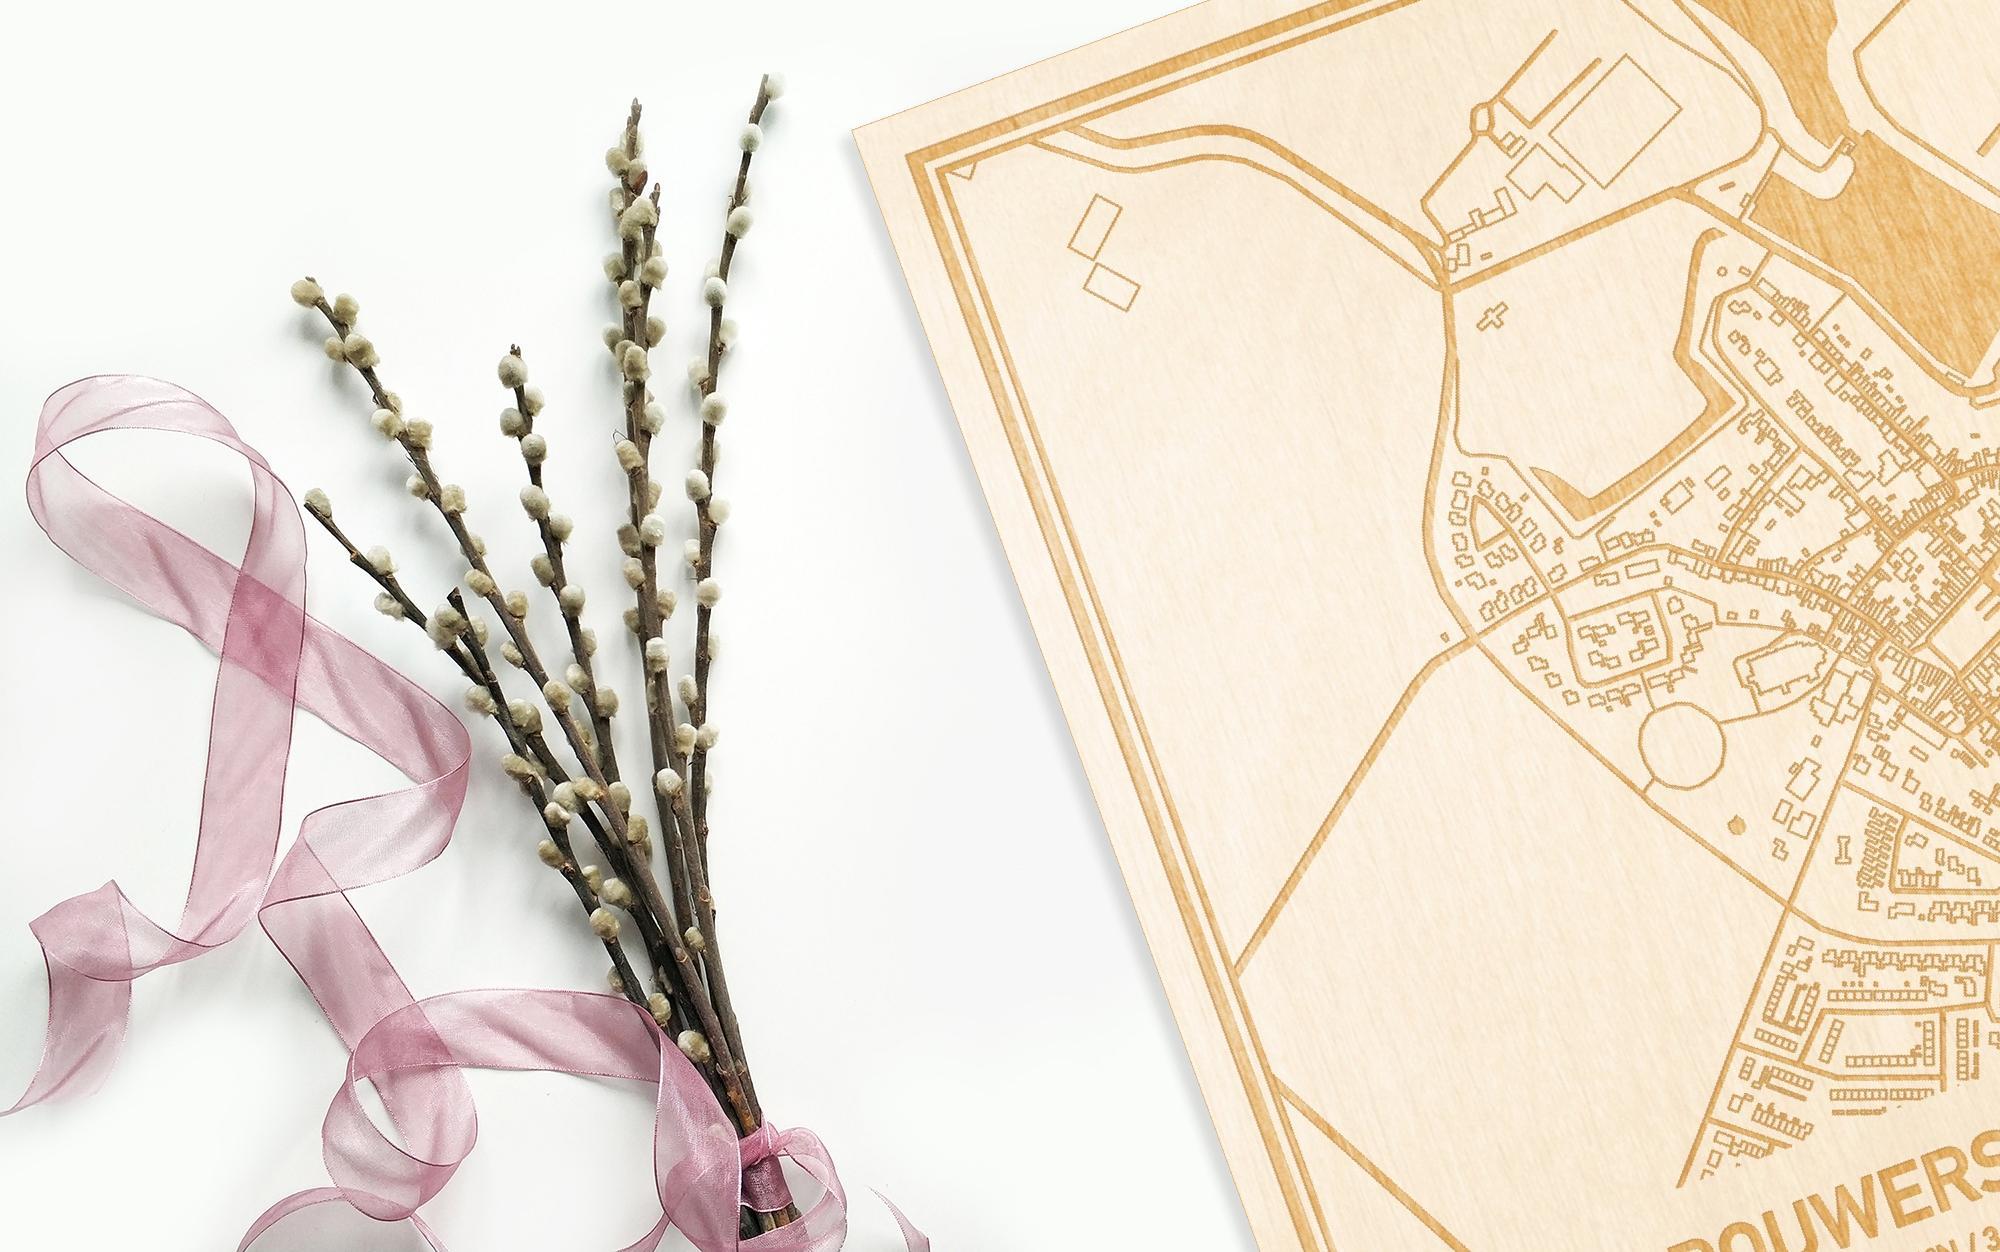 Hier ligt de houten plattegrond Brouwershaven naast een bloemetje als gepersonaliseerd cadeau voor haar.